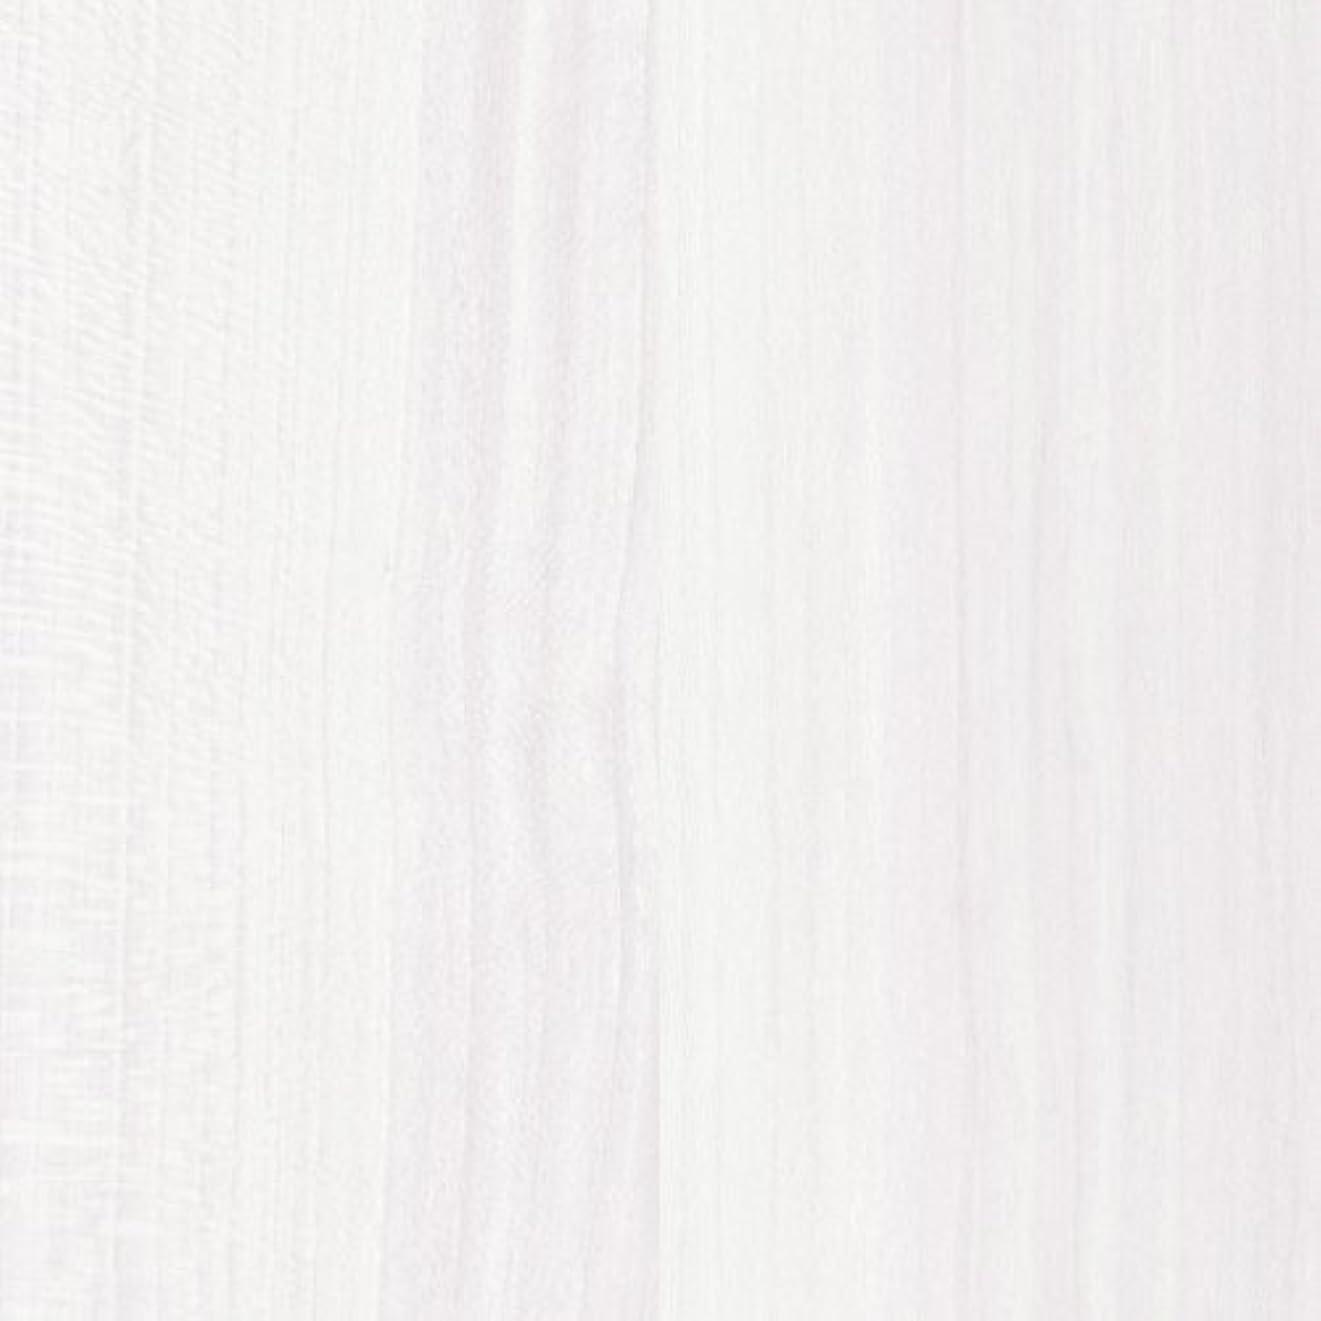 精神医学調和手配する3M ダイノックシート 木目調 ウツドグレイ WG1067